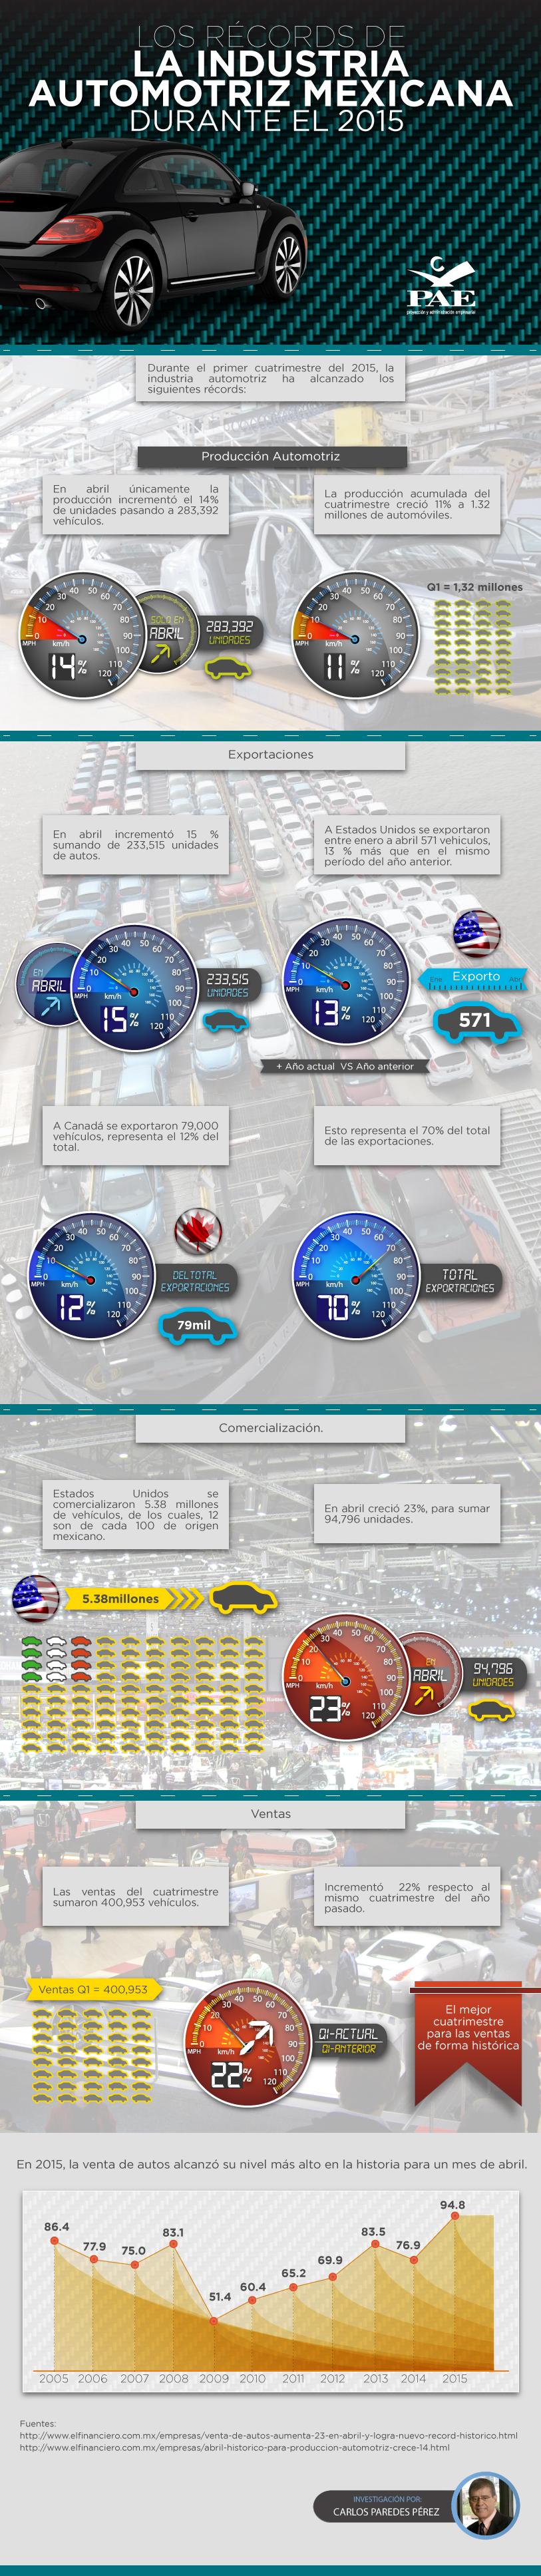 #PAEMX Los récords de la industria automotriz